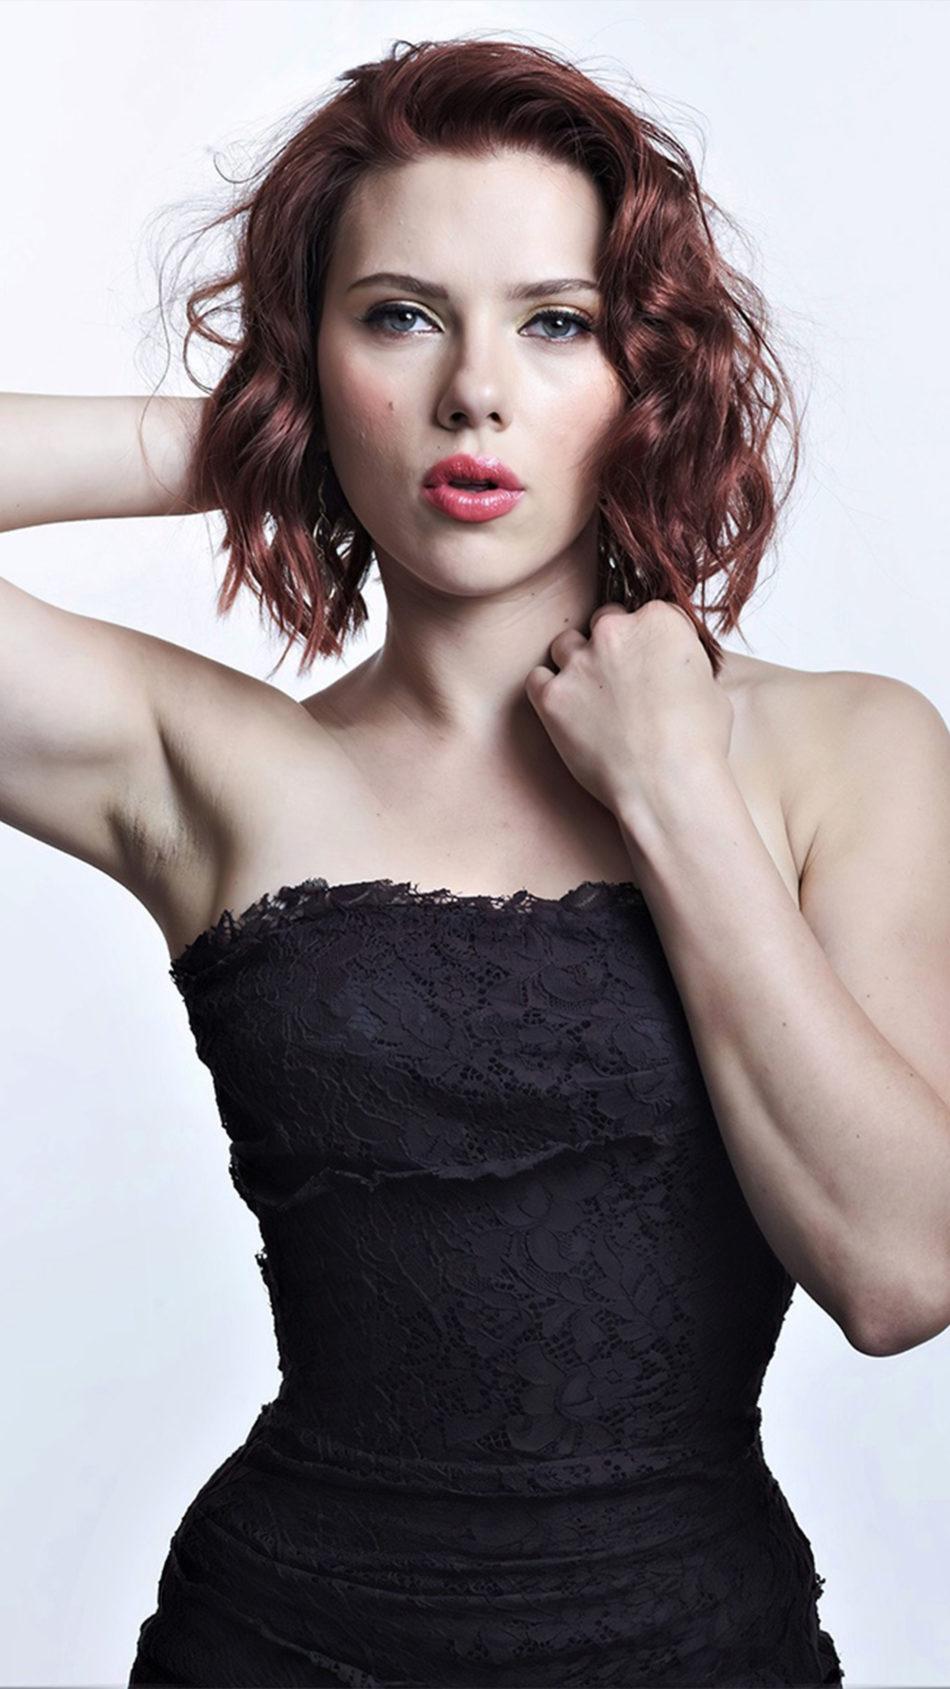 Scarlett Johansson New Photoshoot 4K Ultra HD Mobile Wallpaper